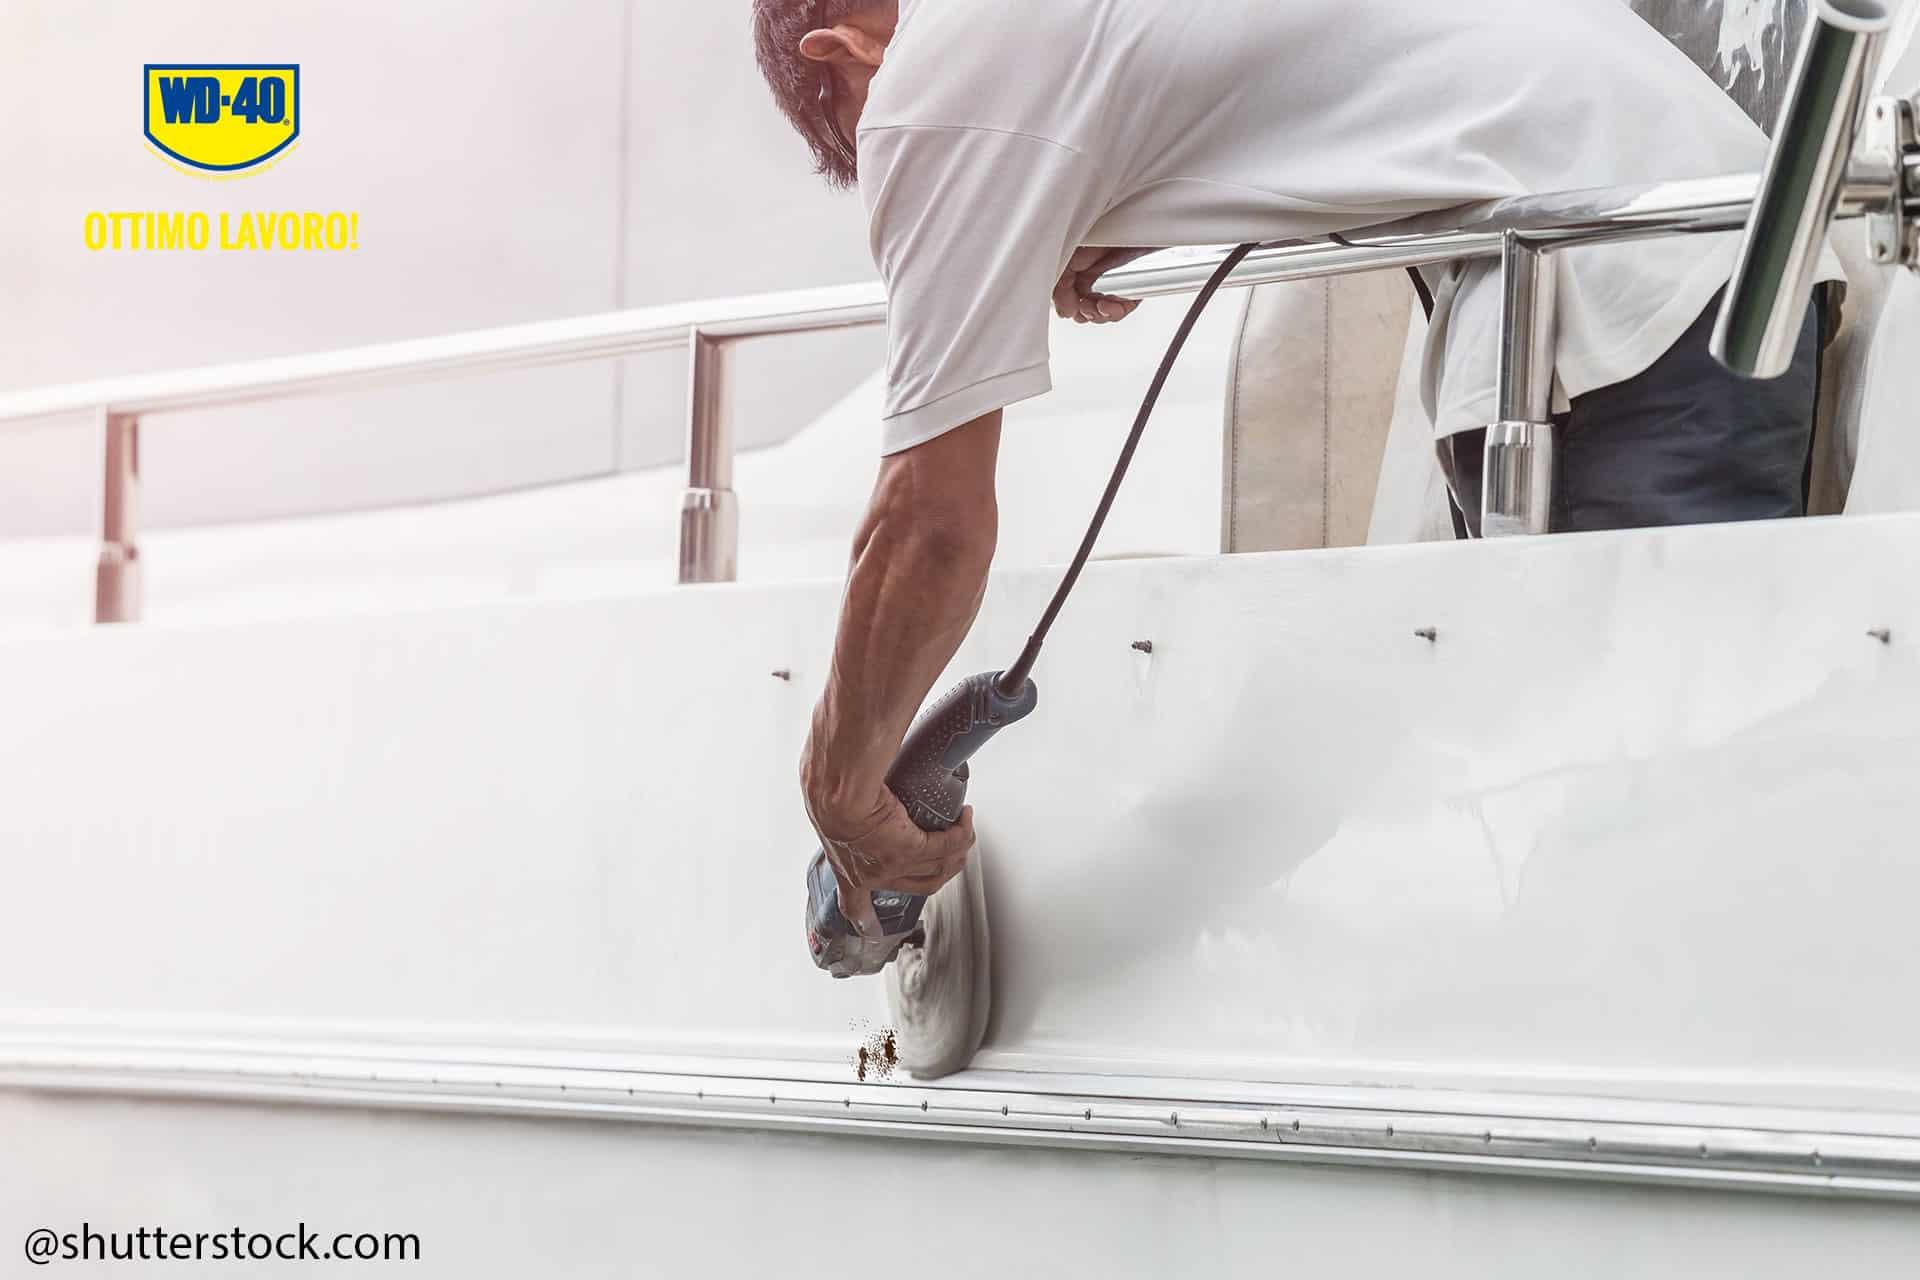 rimuovere ruggine dalla barca scena